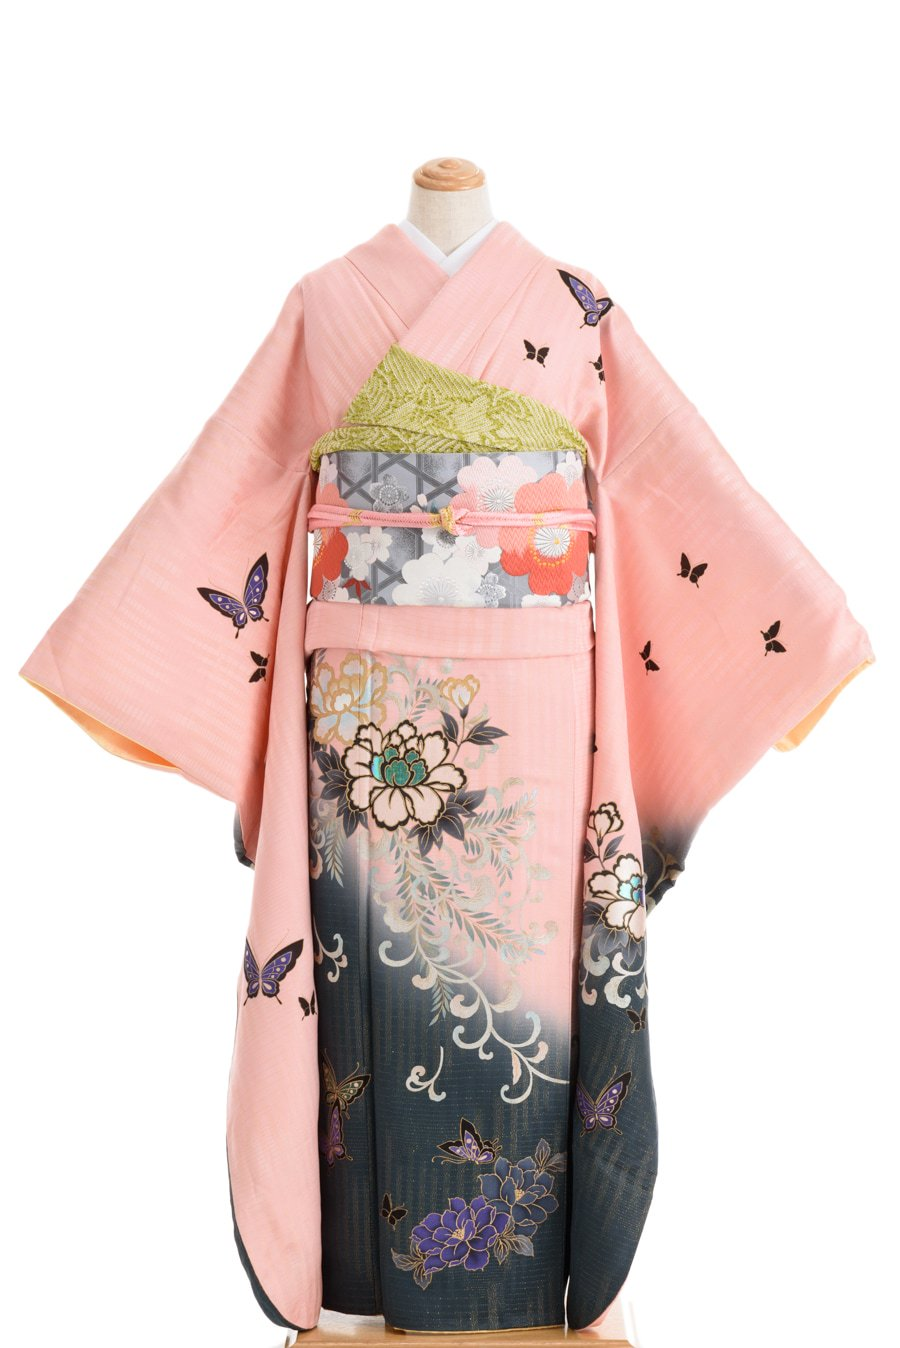 「トールサイズ振袖 牡丹と蝶々」の商品画像